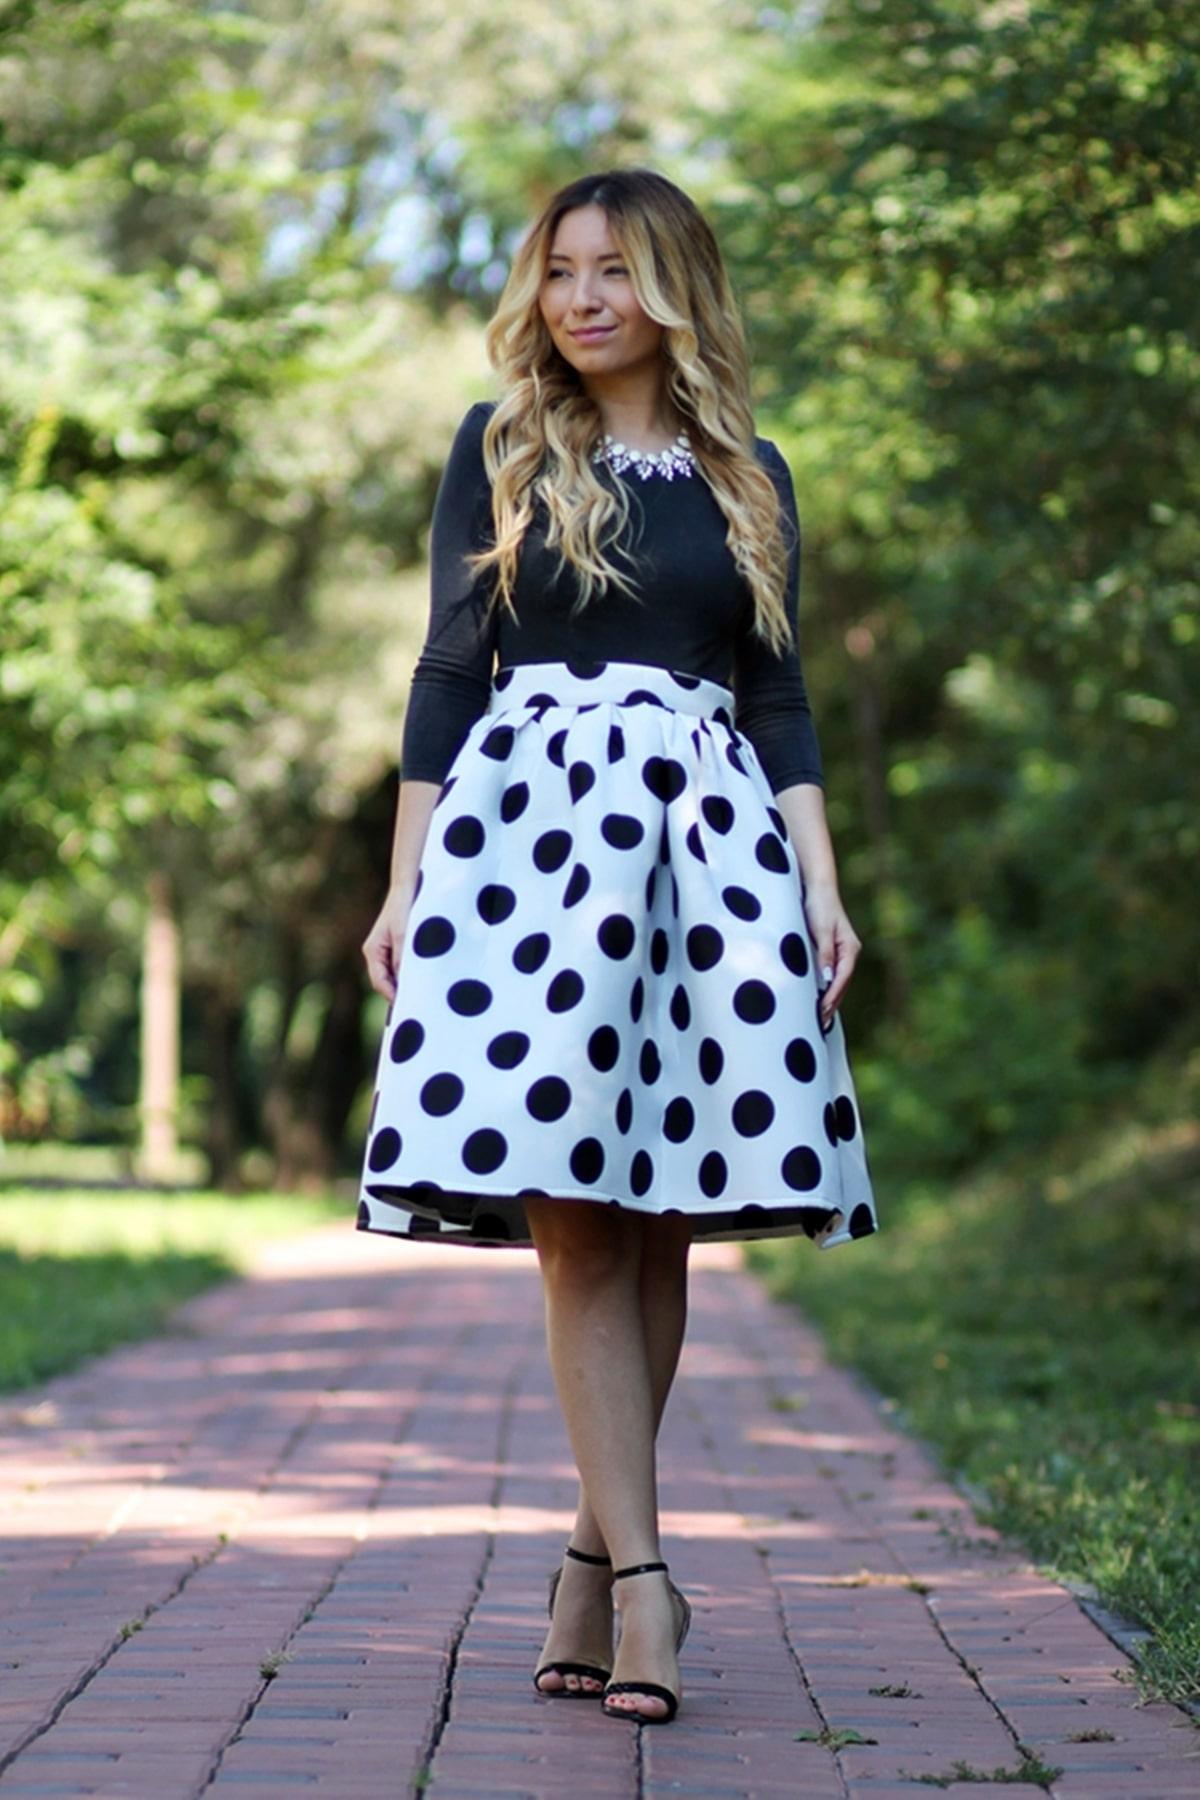 Tinuta de vara: fusta midi alba cu buline negre, top crop negru, sandale clasice cu toc negre, andreea ristea blogger moda